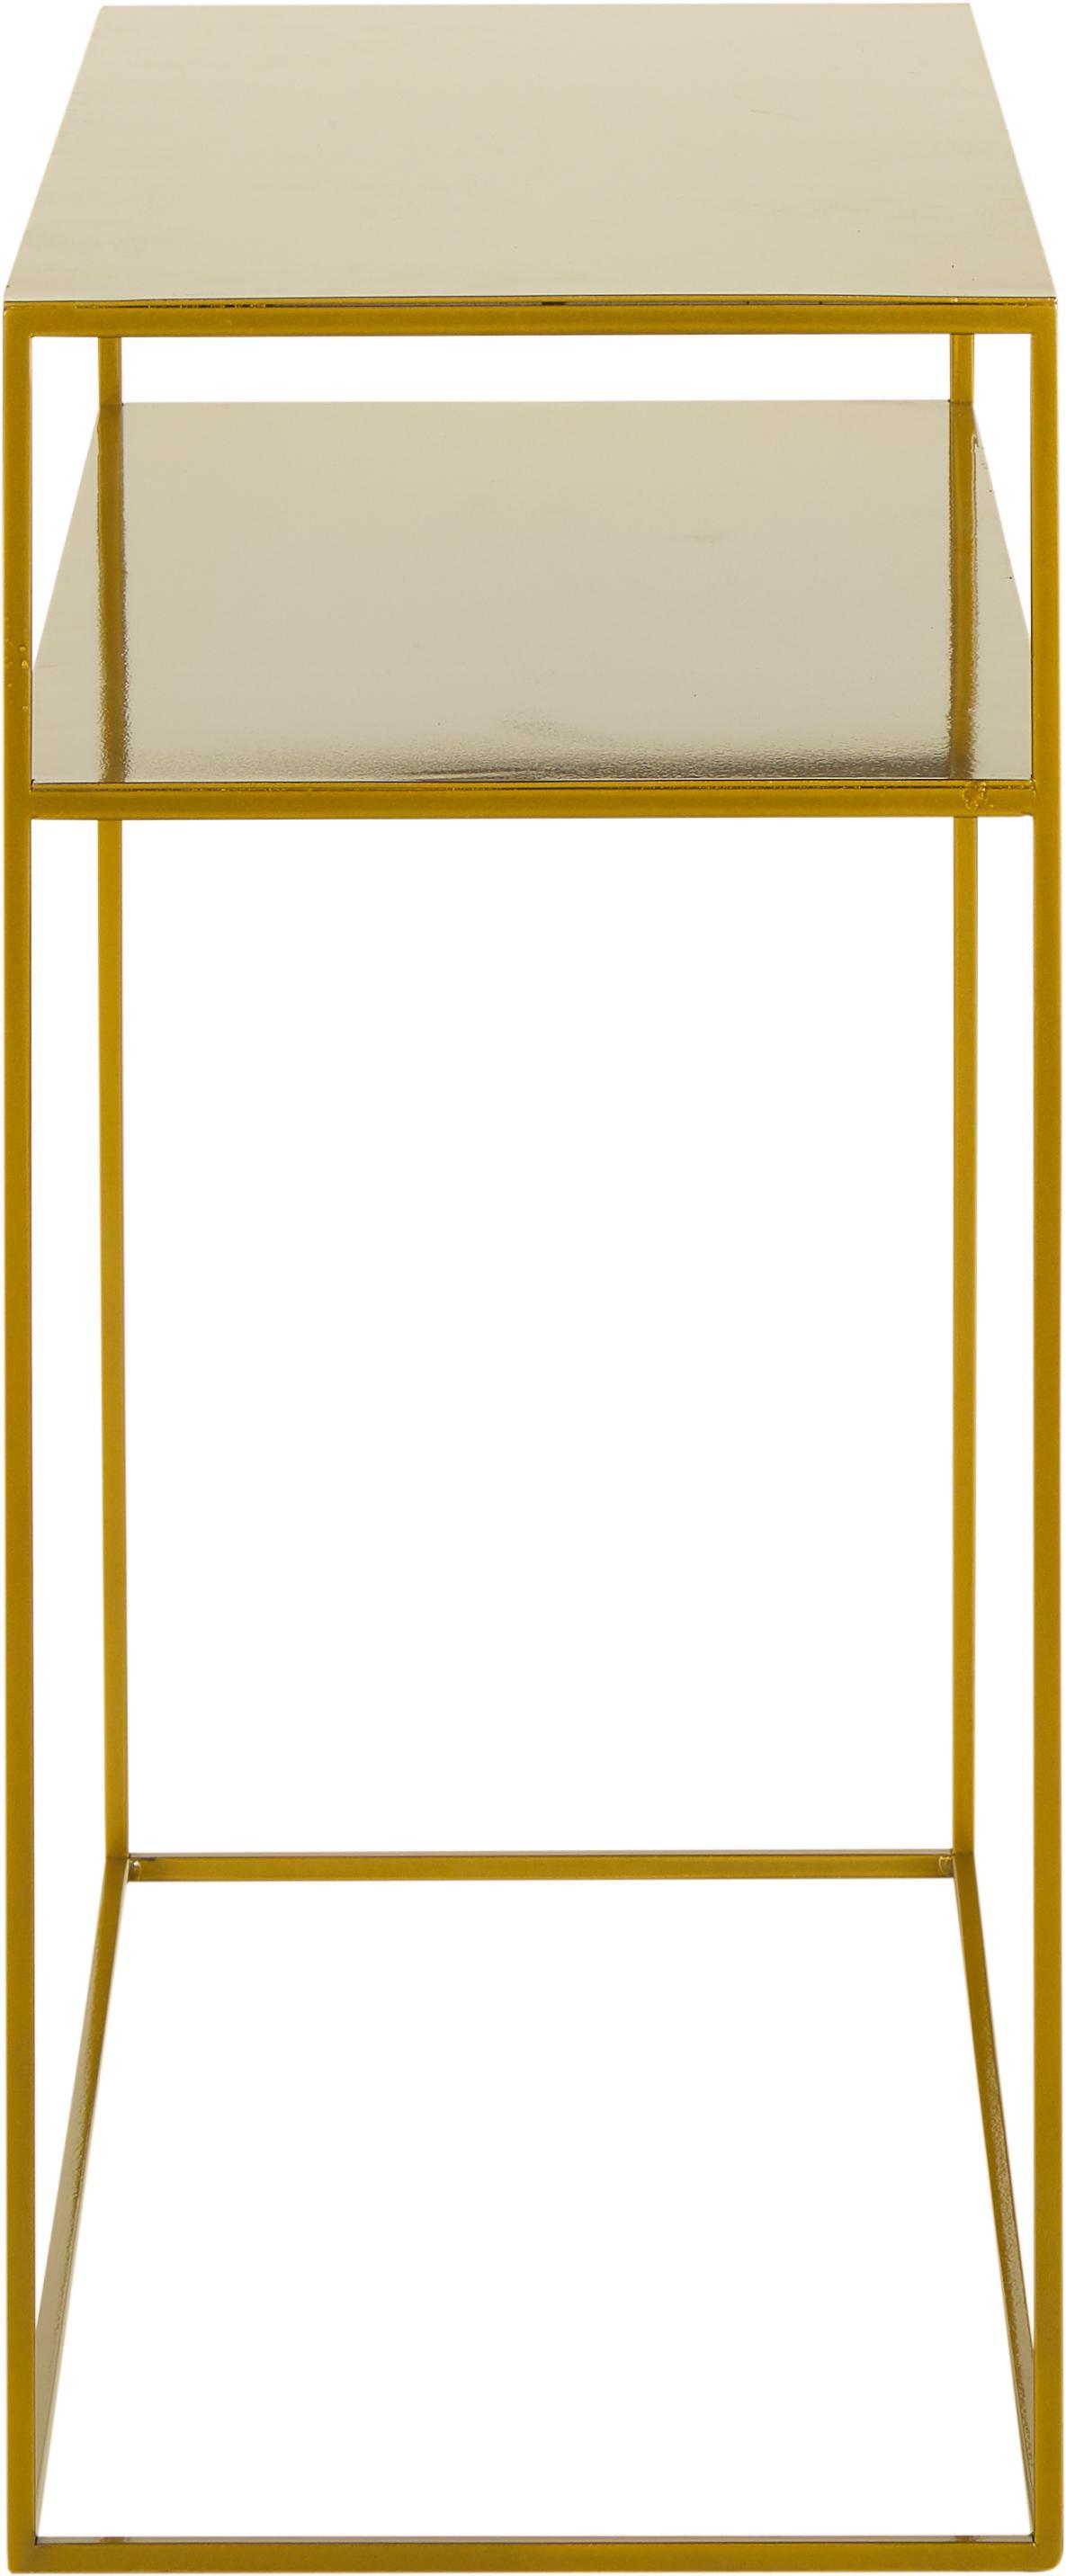 Consolle in metallo ottonato Tensio Duo, Metallo verniciato a polvere, Ottonato, Larg. 100 x Prof. 35 cm